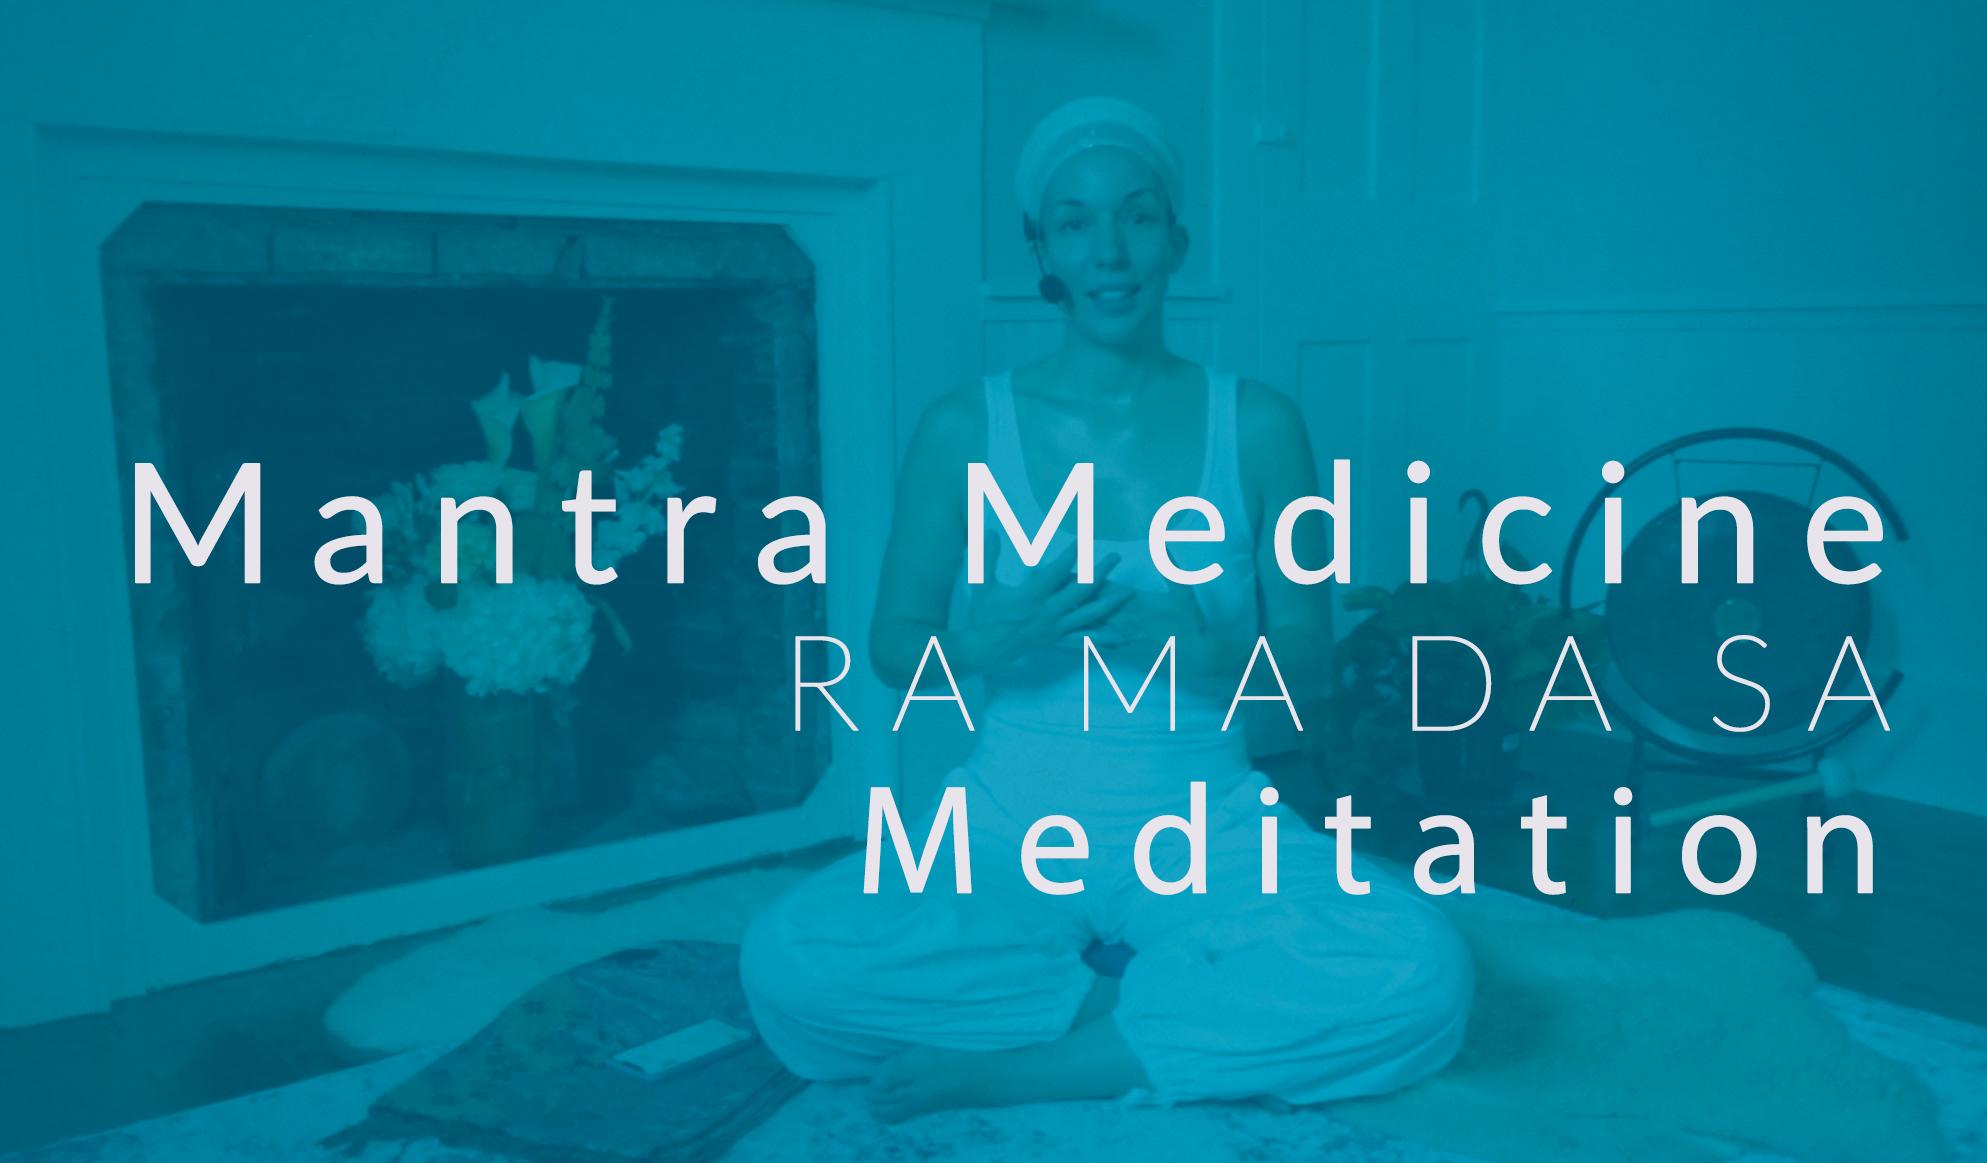 Ra Ma Da Sa Meditation